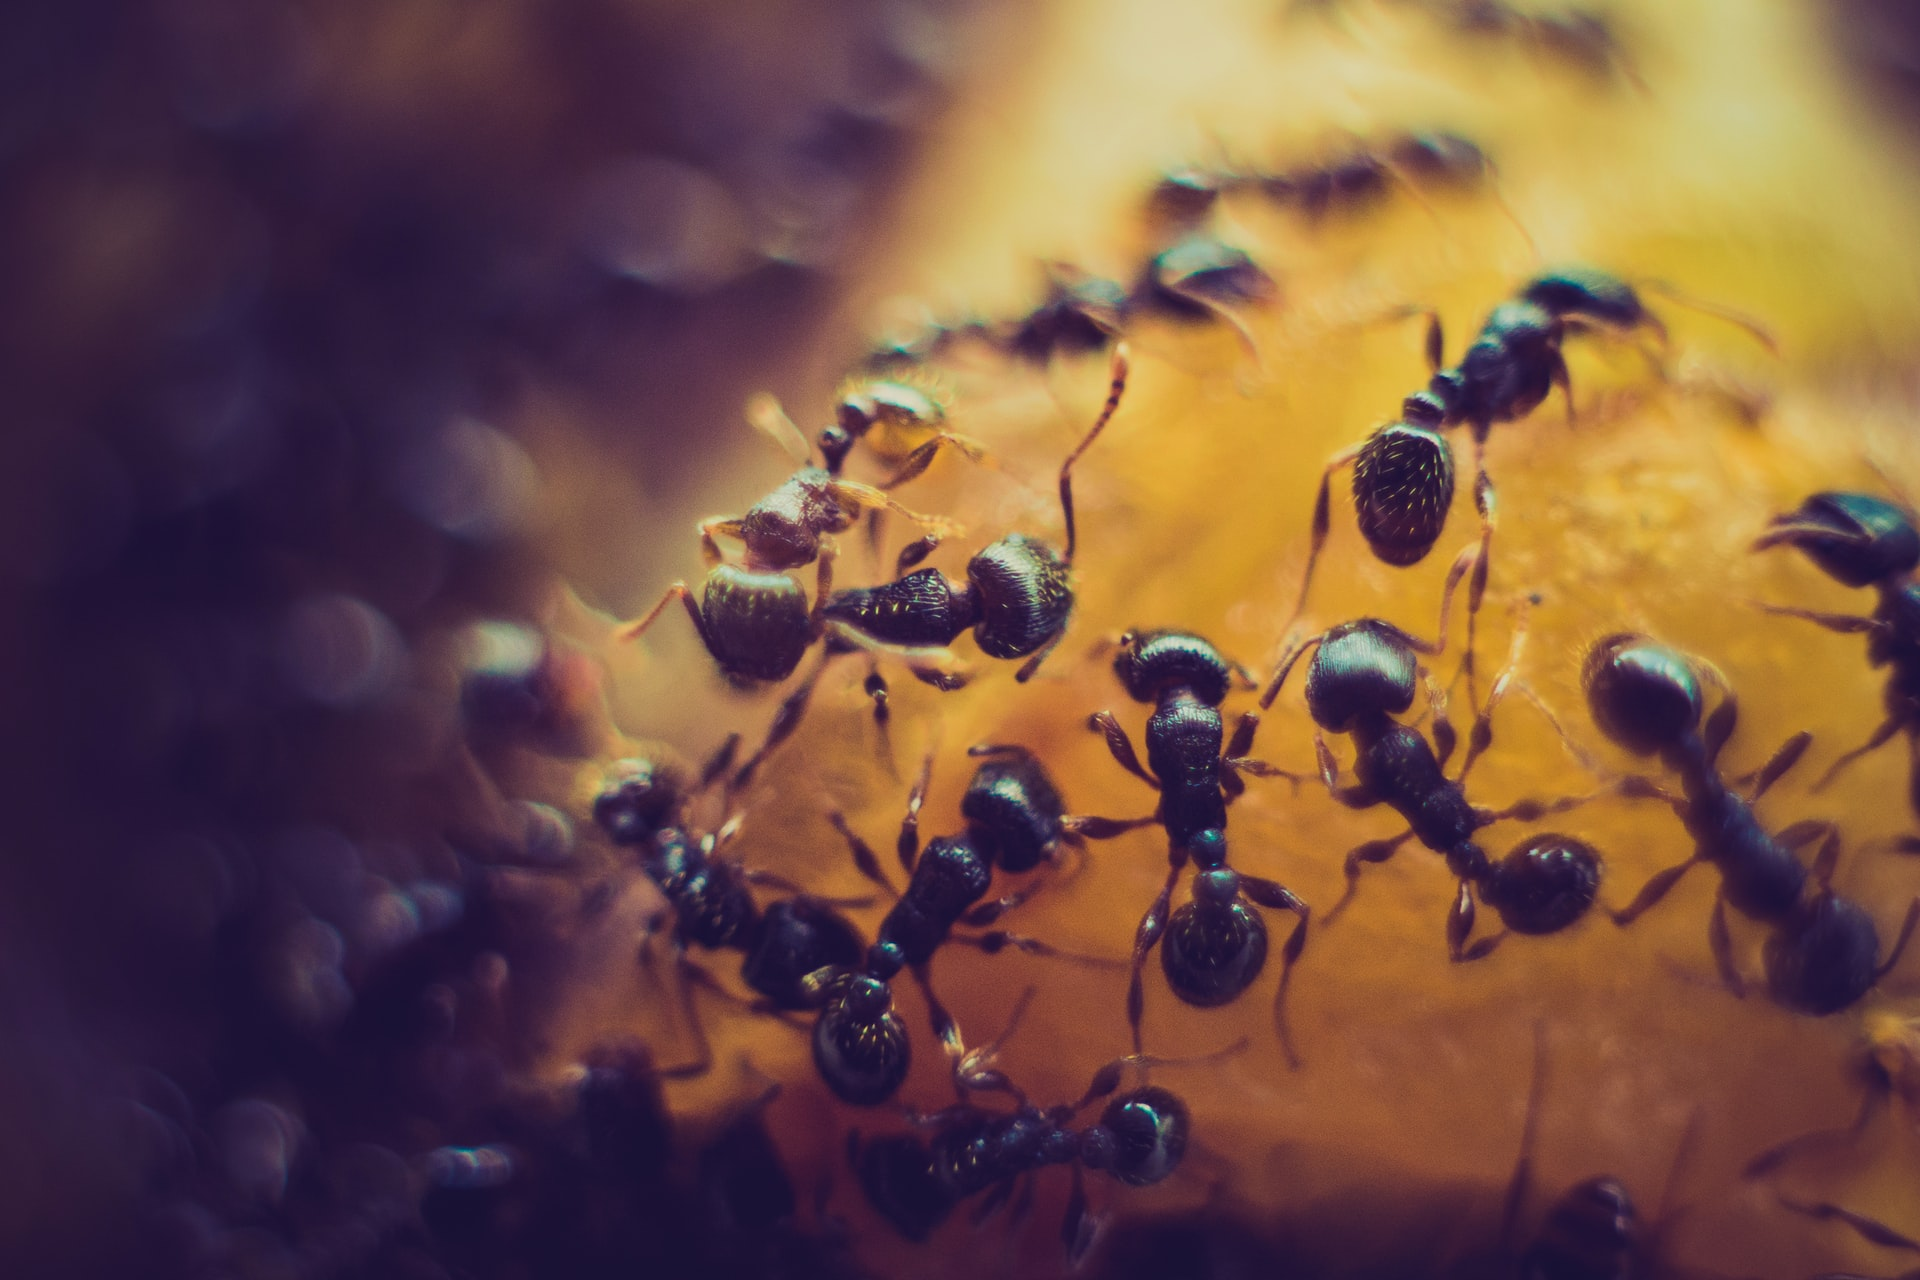 strange and unique food - ants